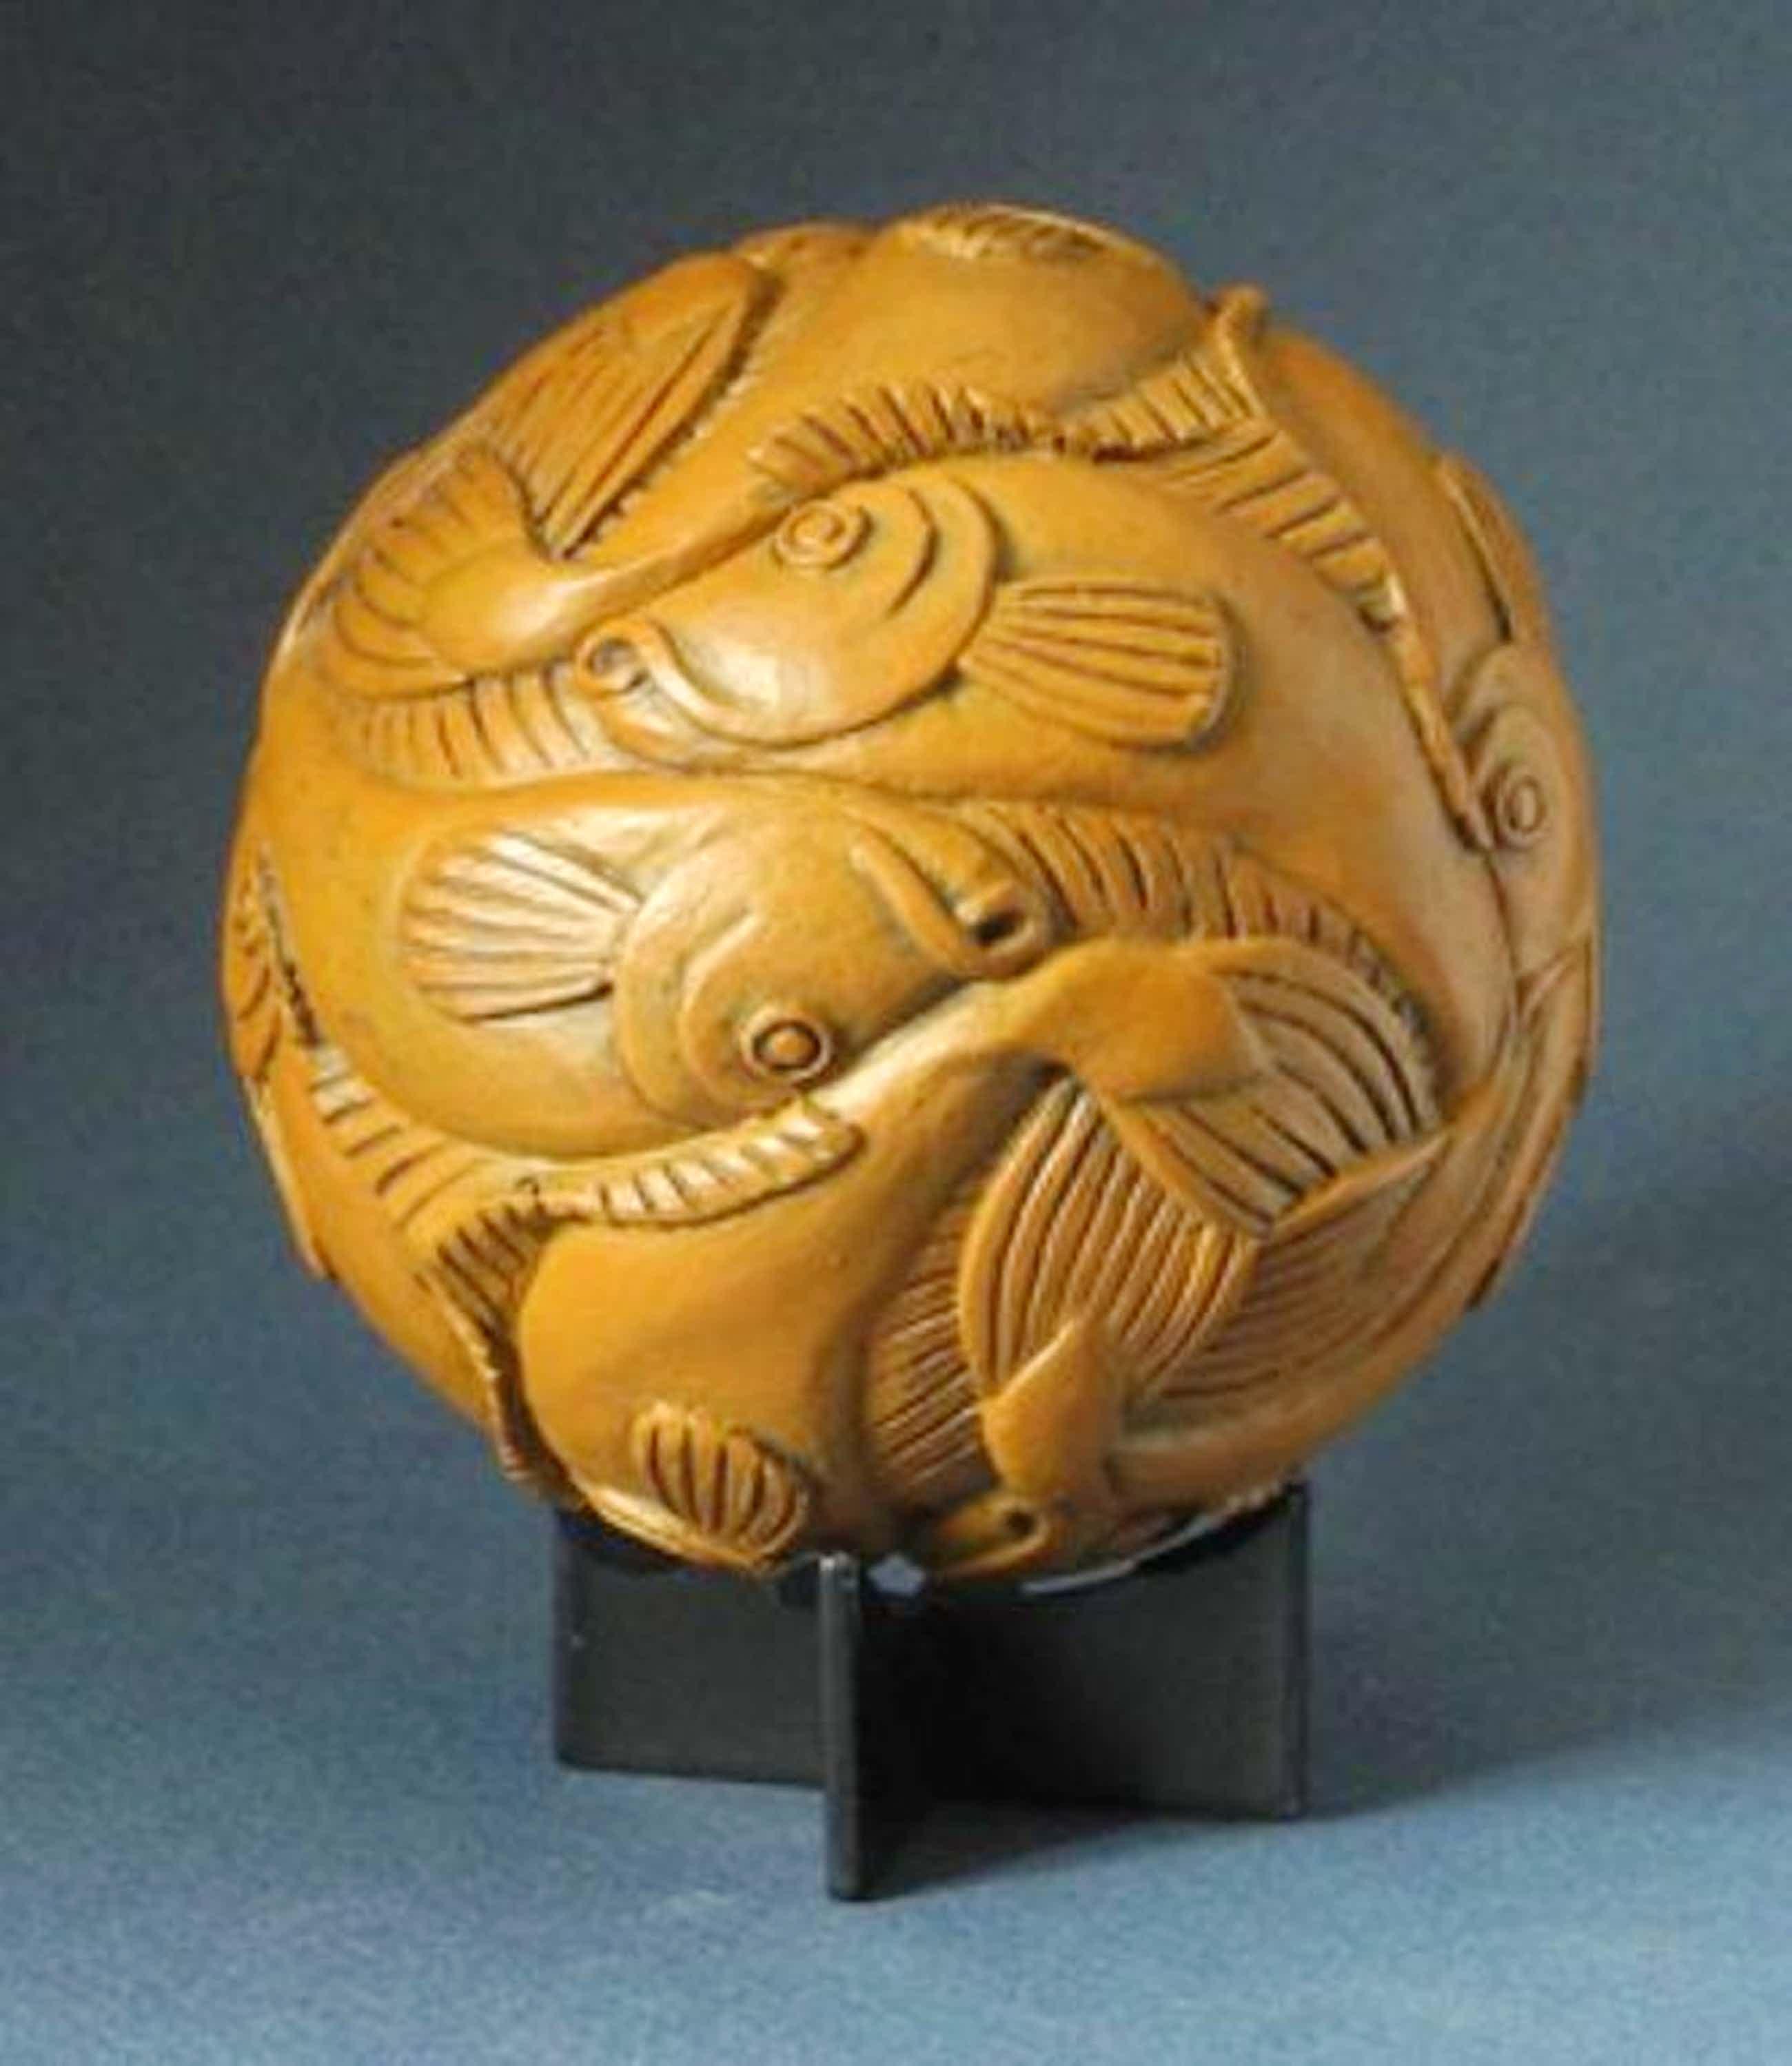 MC ESCHER, 3D-sculpture: Fisch, Beech wood kopen? Bied vanaf 39!